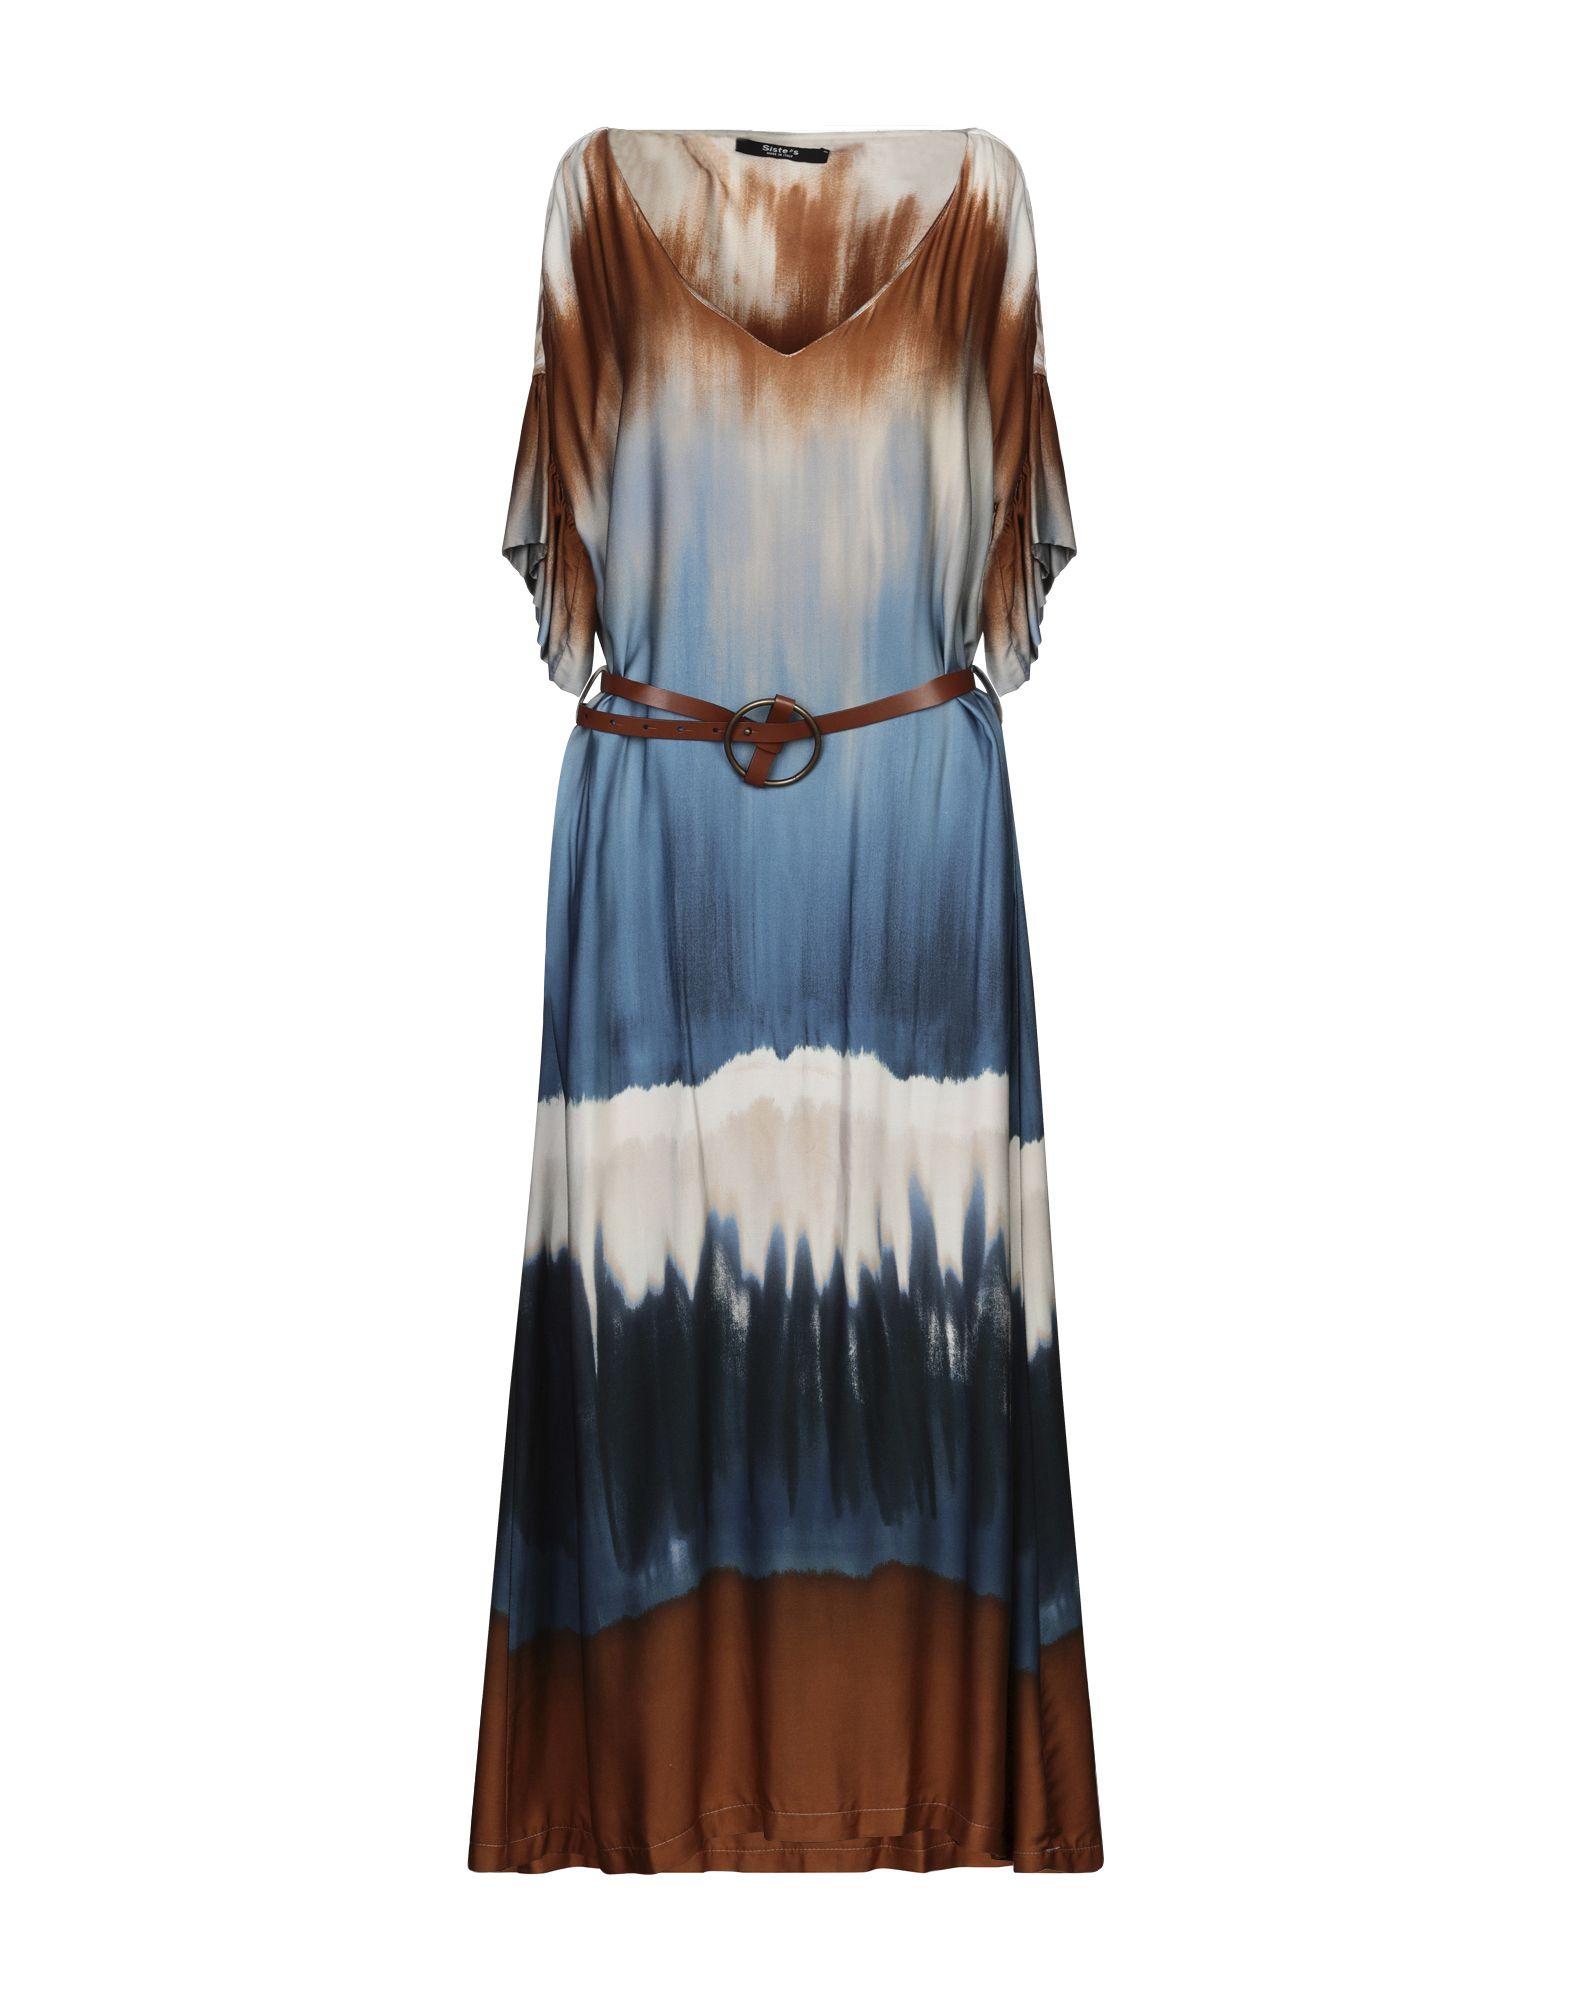 SISTE' S Платье длиной 3/4